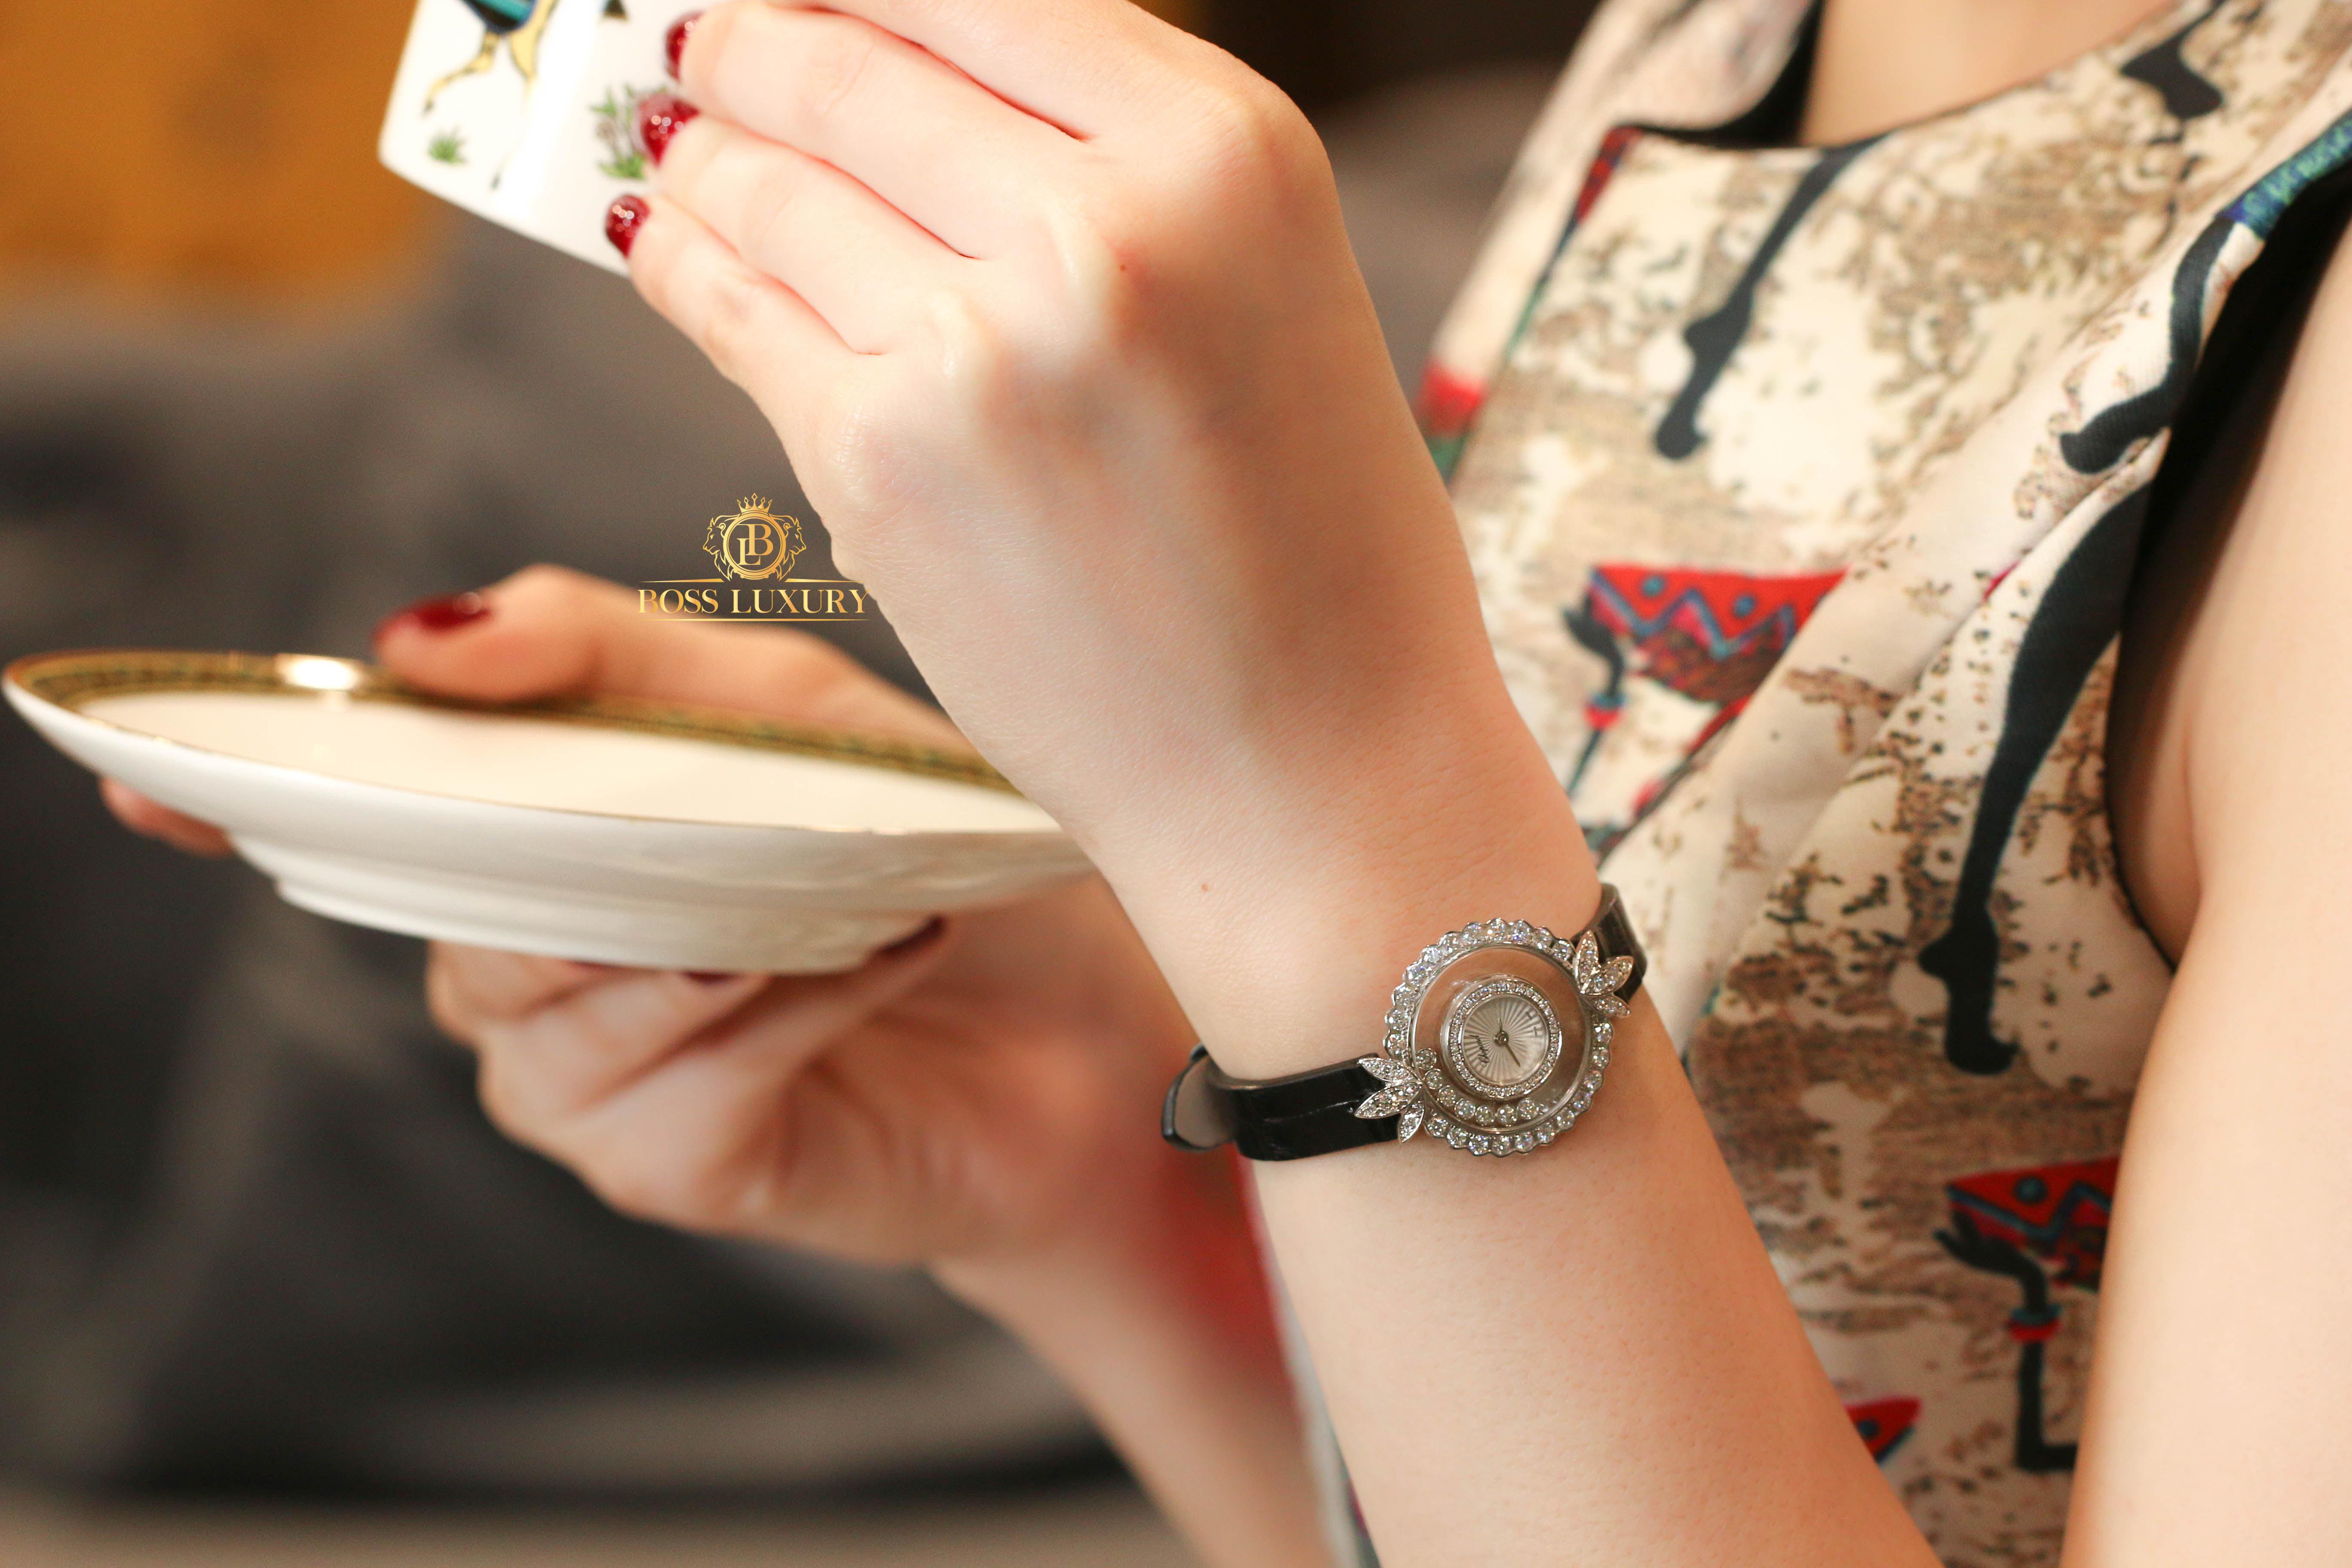 Gợi ý những mẫu đồng hồ dành cho các cô nàng nữ tính